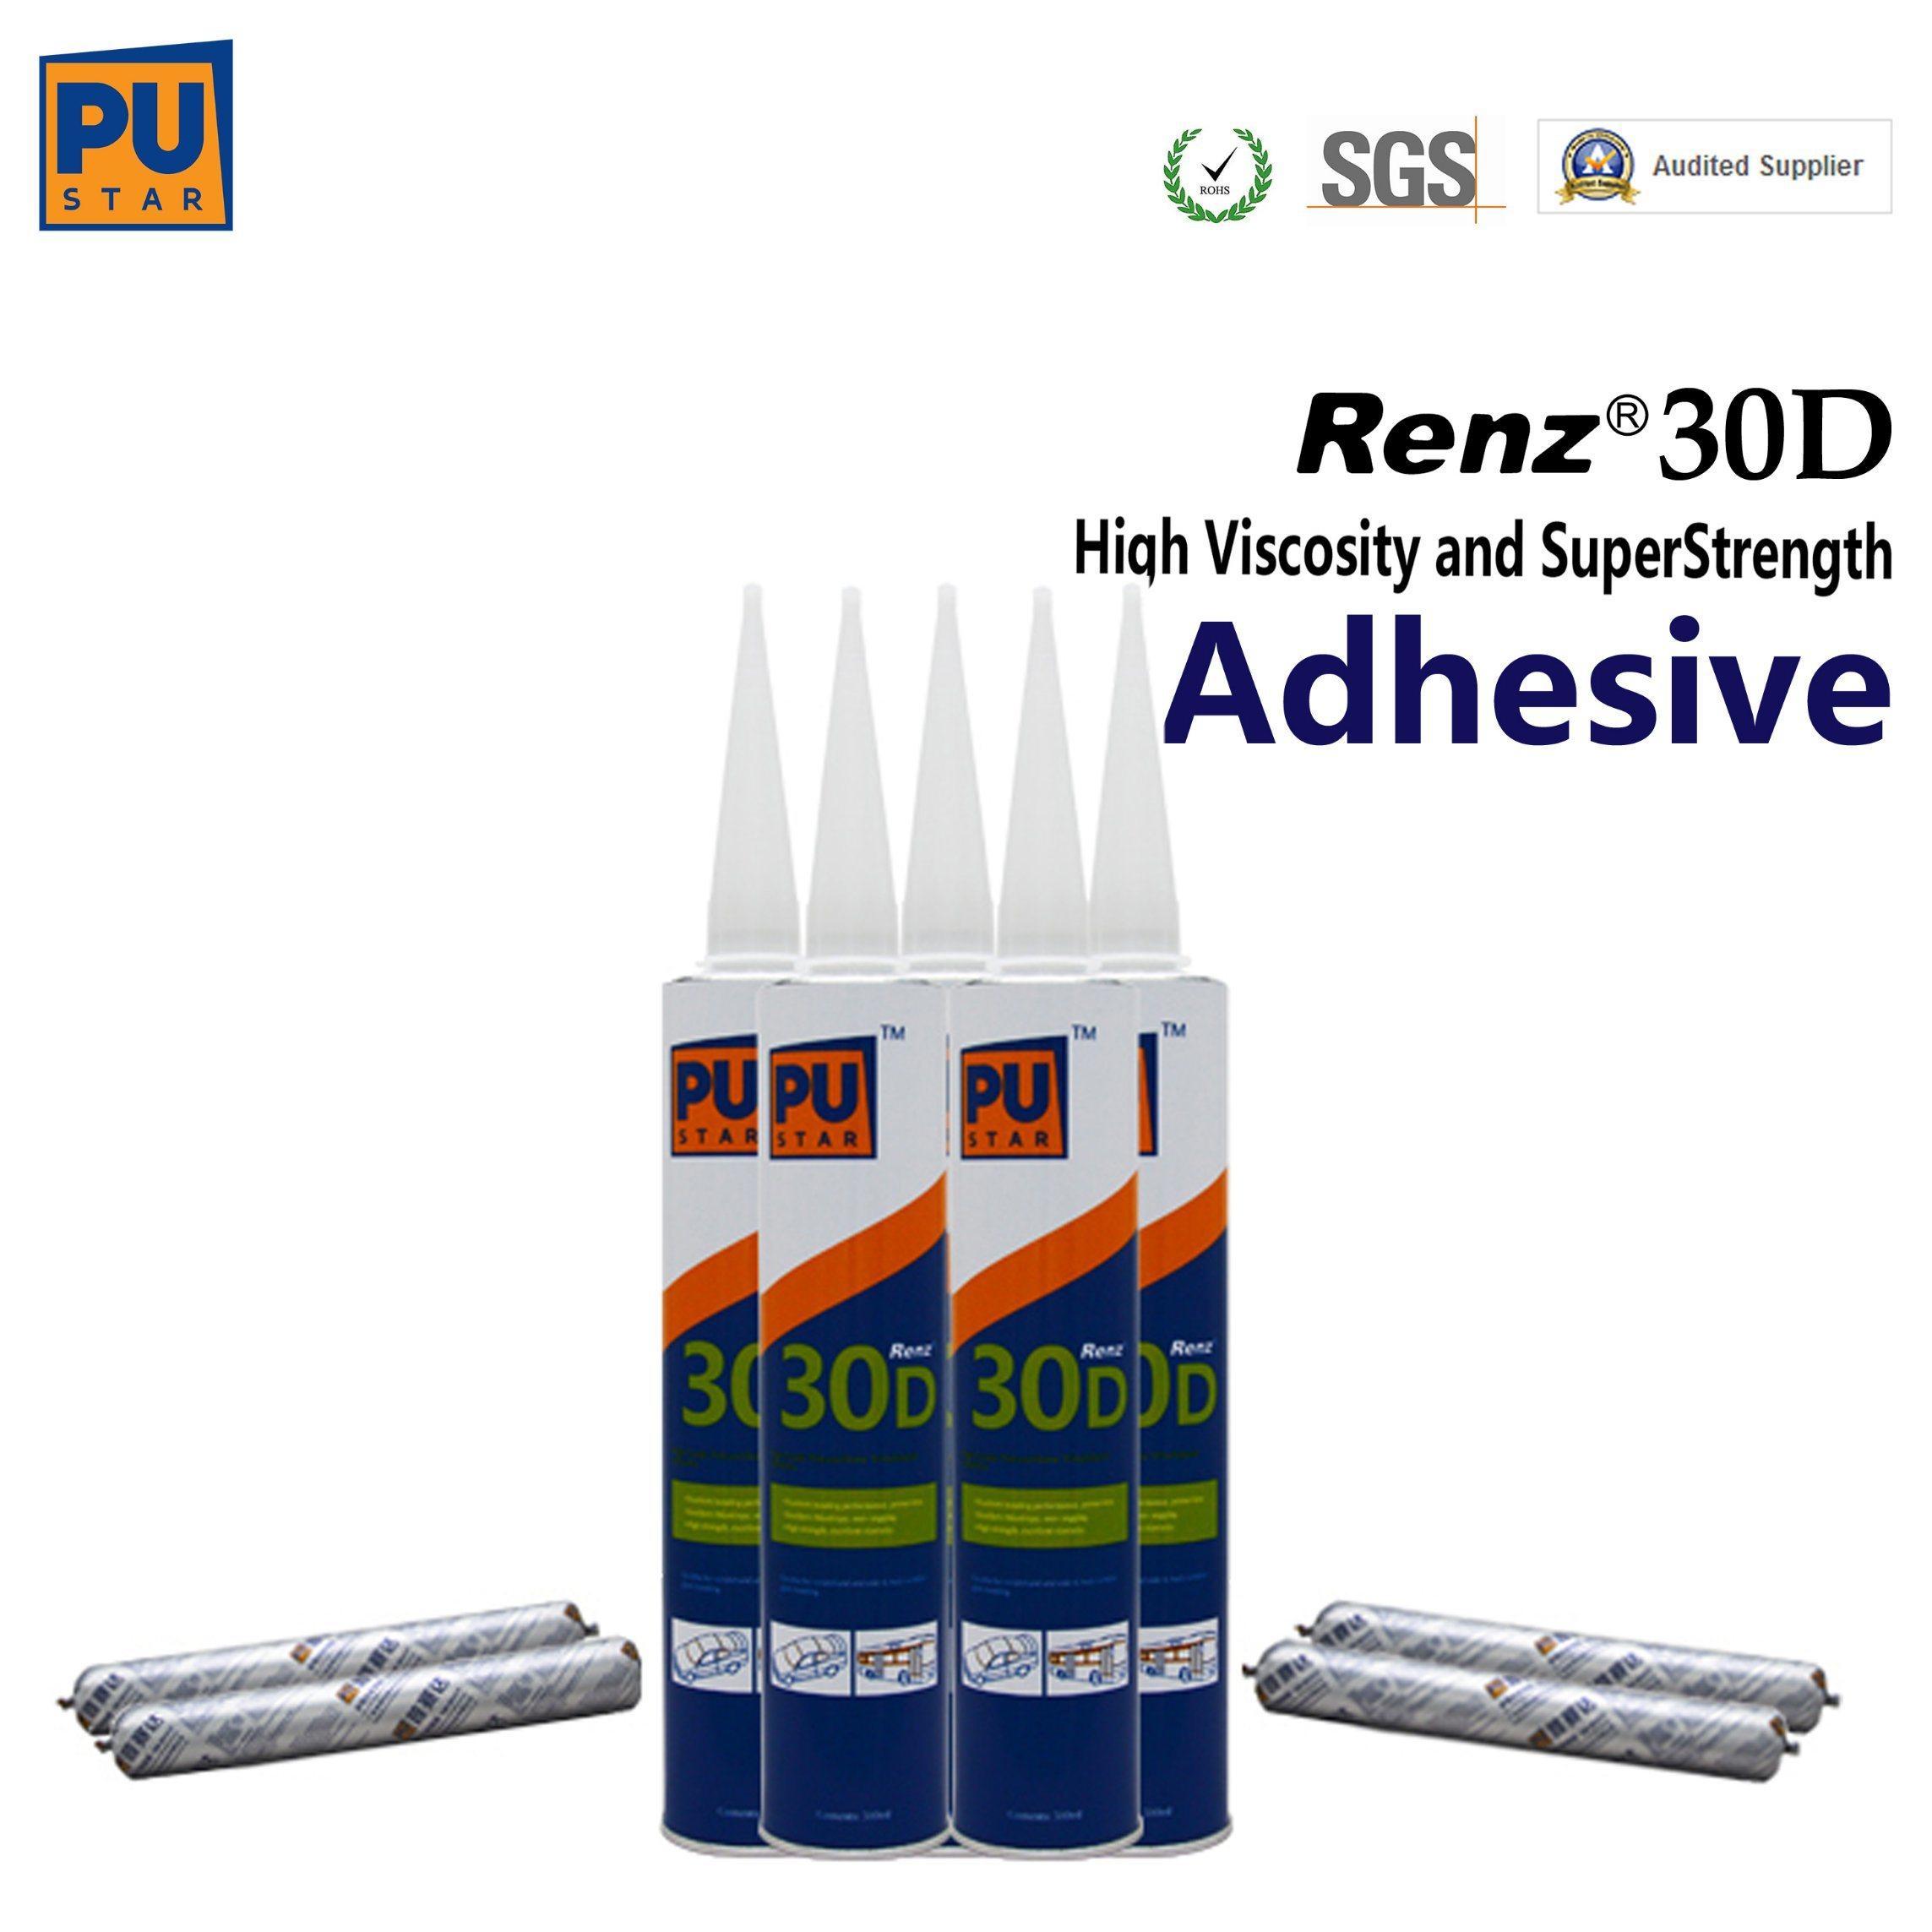 China Renz30d Windshield Urethane Adhesive Autozone China 3m Auto Glass Urethane Windshield Adhesive Instr Windshield Leak Sealant